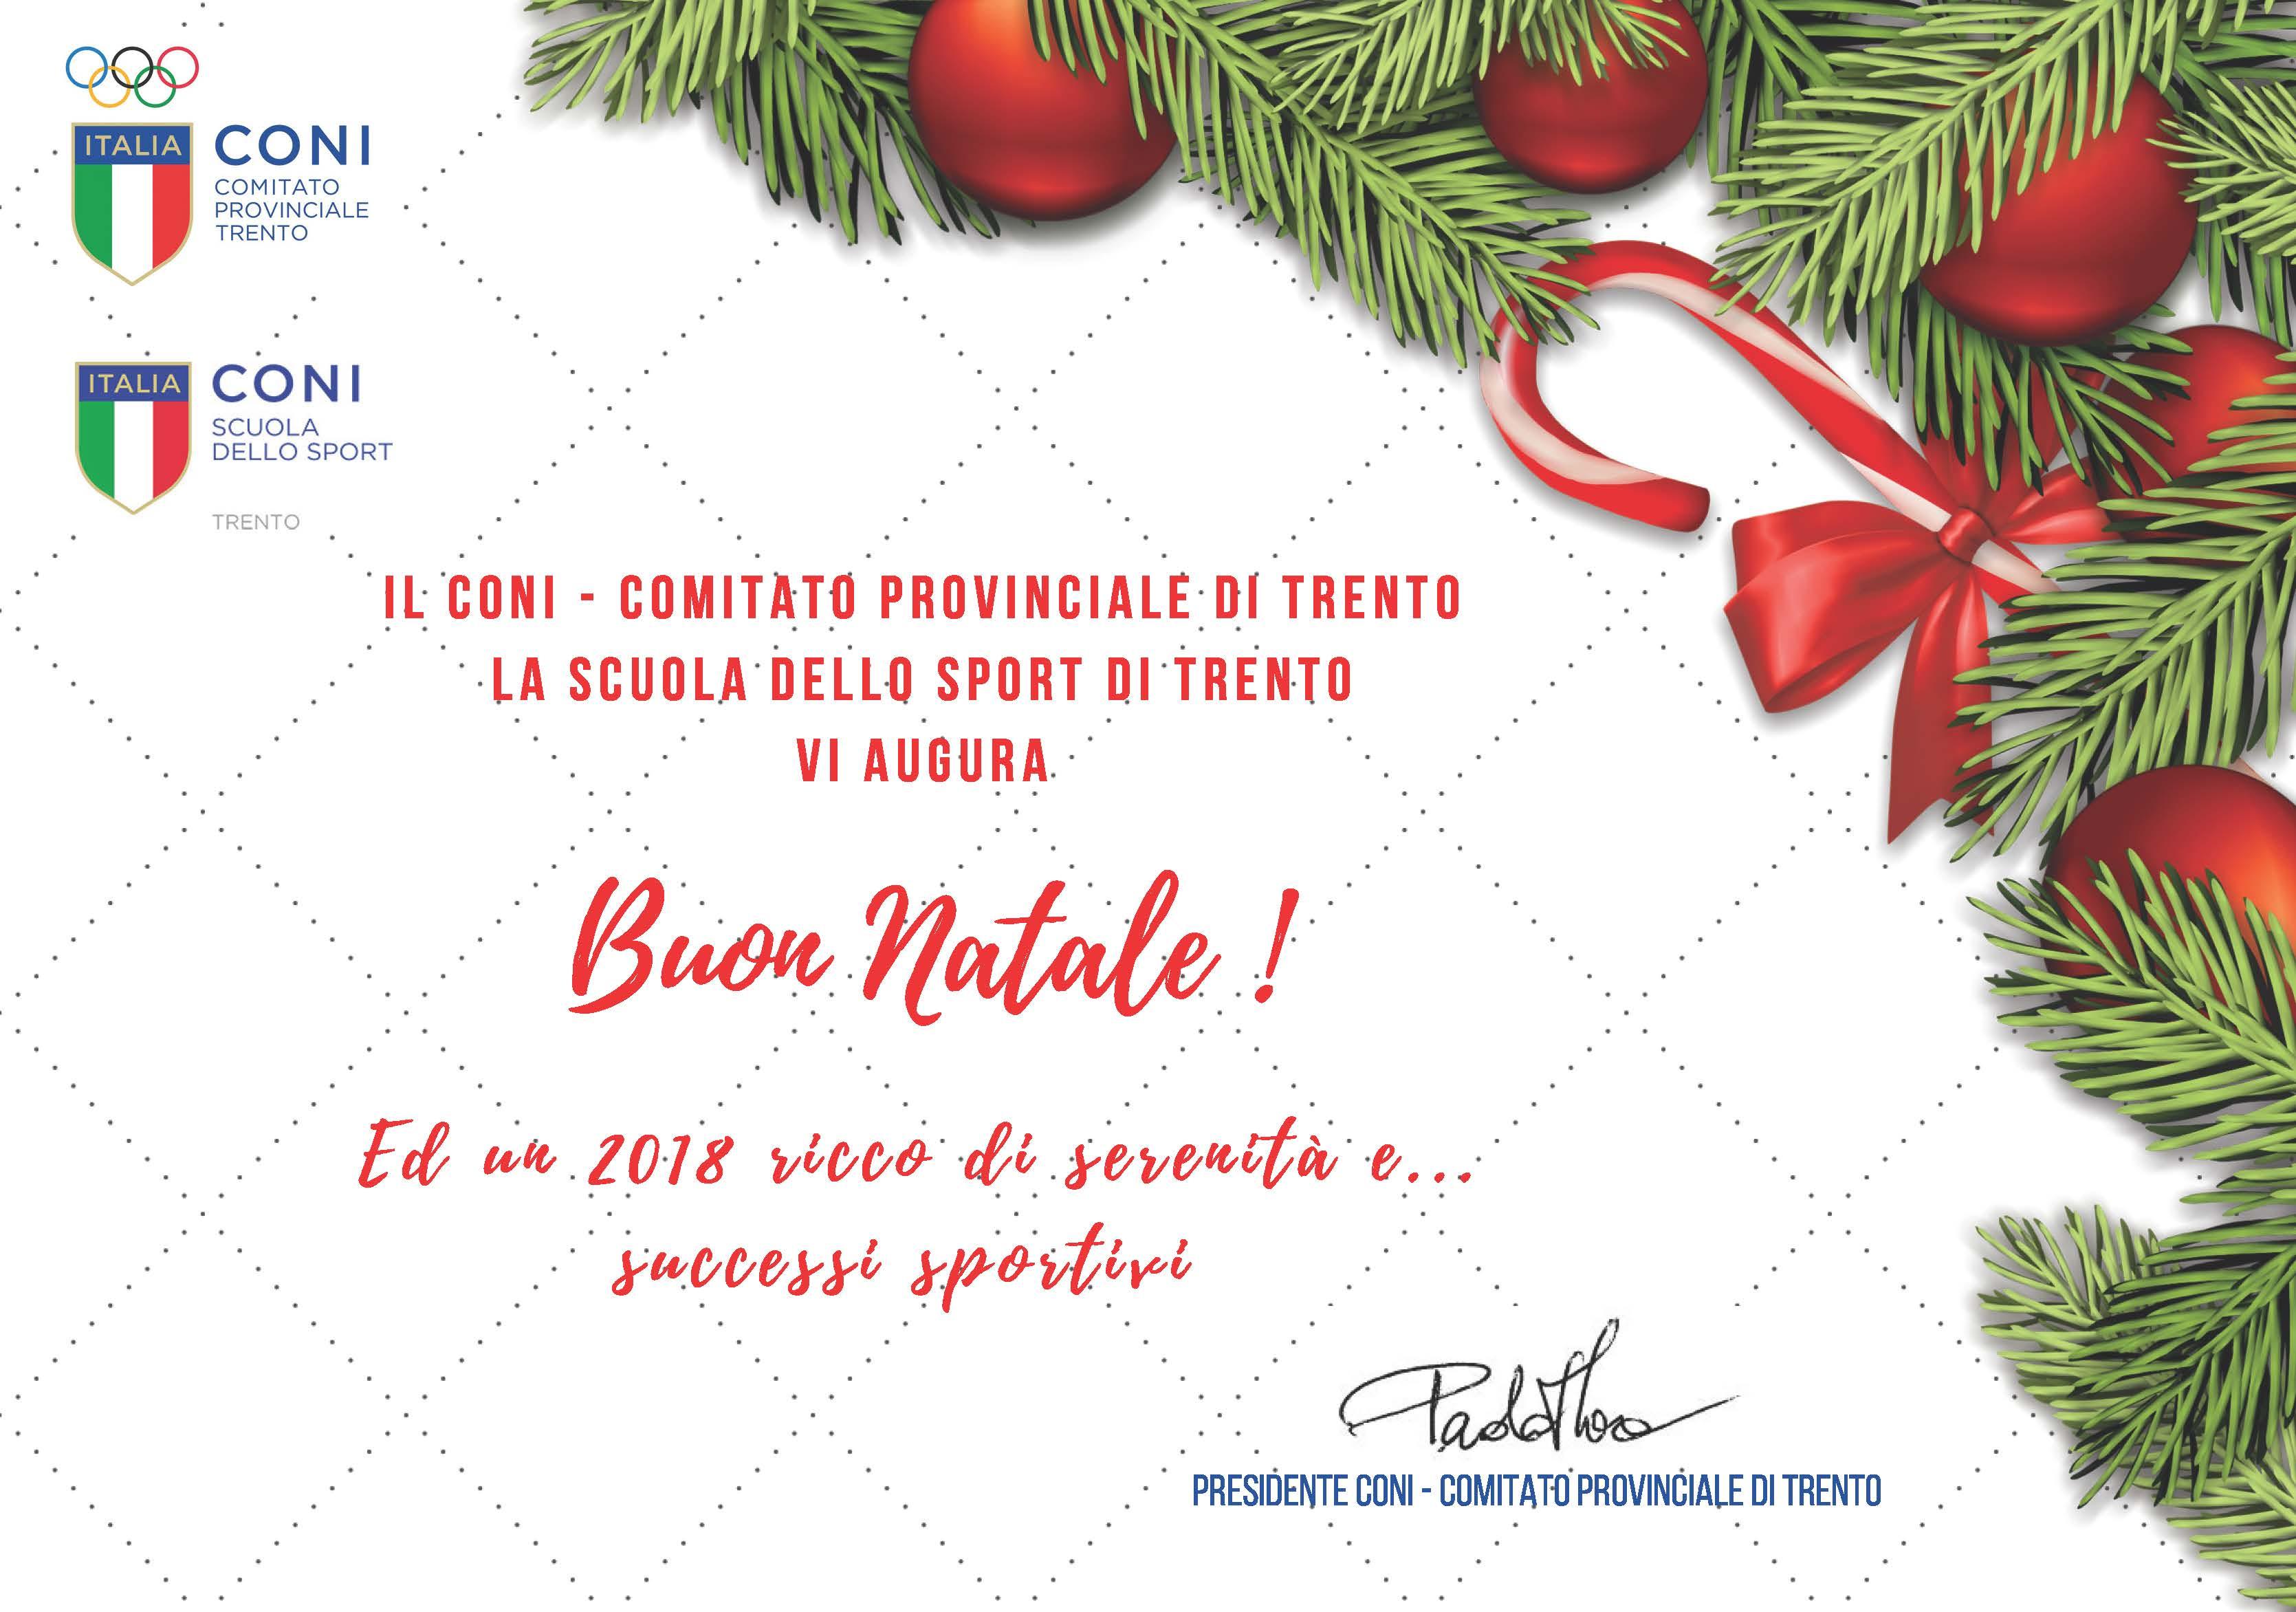 Auguri Di Natale Per Sportivi.Festivita Natalizie Chiusura Uffici